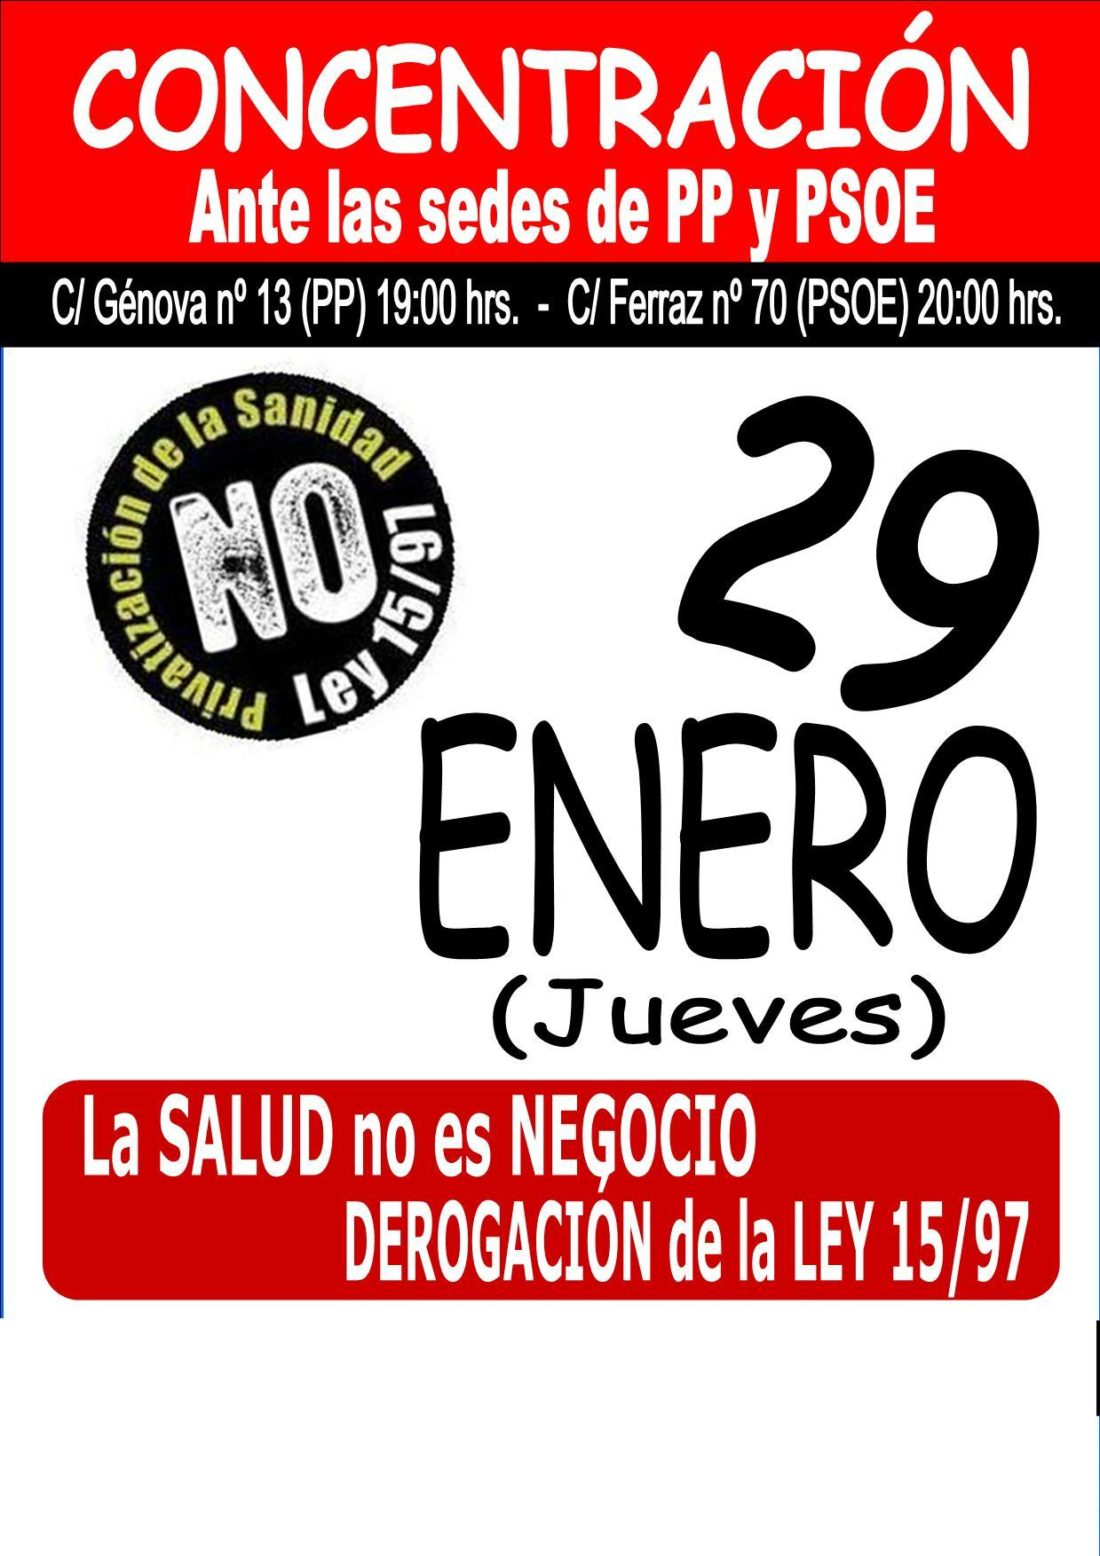 Jueves 29: concentración contra la privatización de la sanidad frente a las sedes del PP y PSOE en Madrid